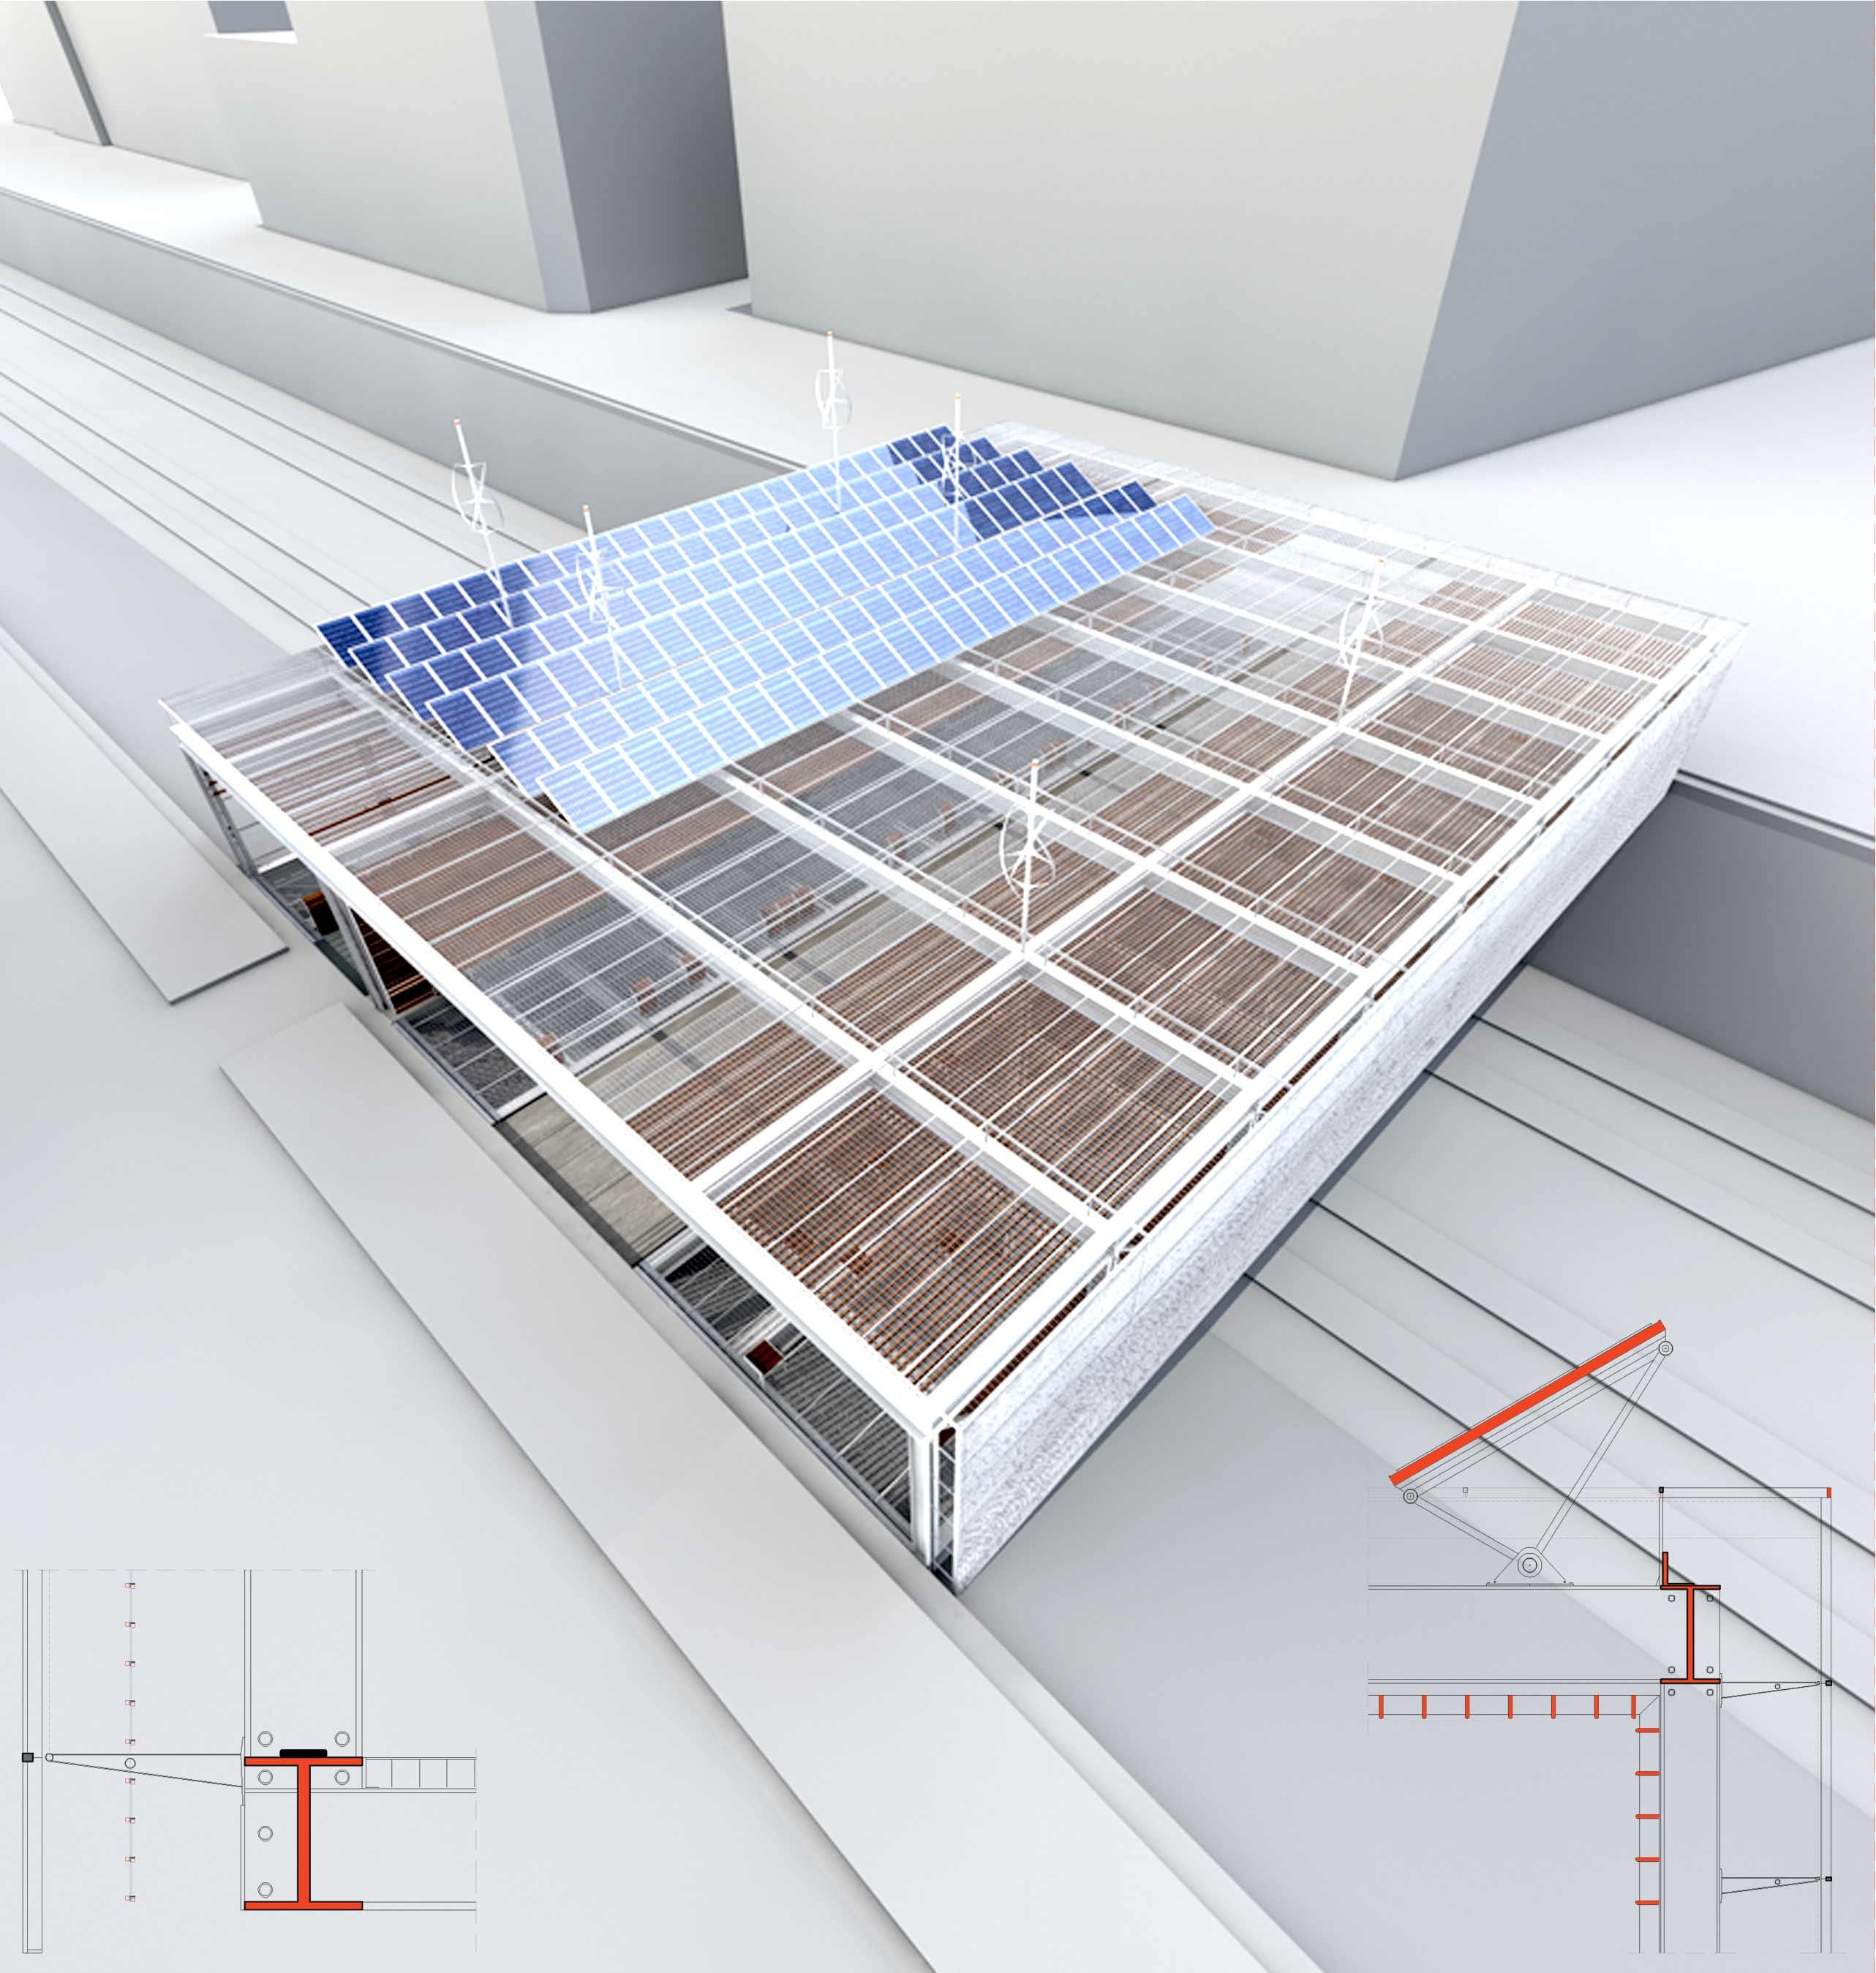 Bevilacqua Architects - Ponte Pigmento